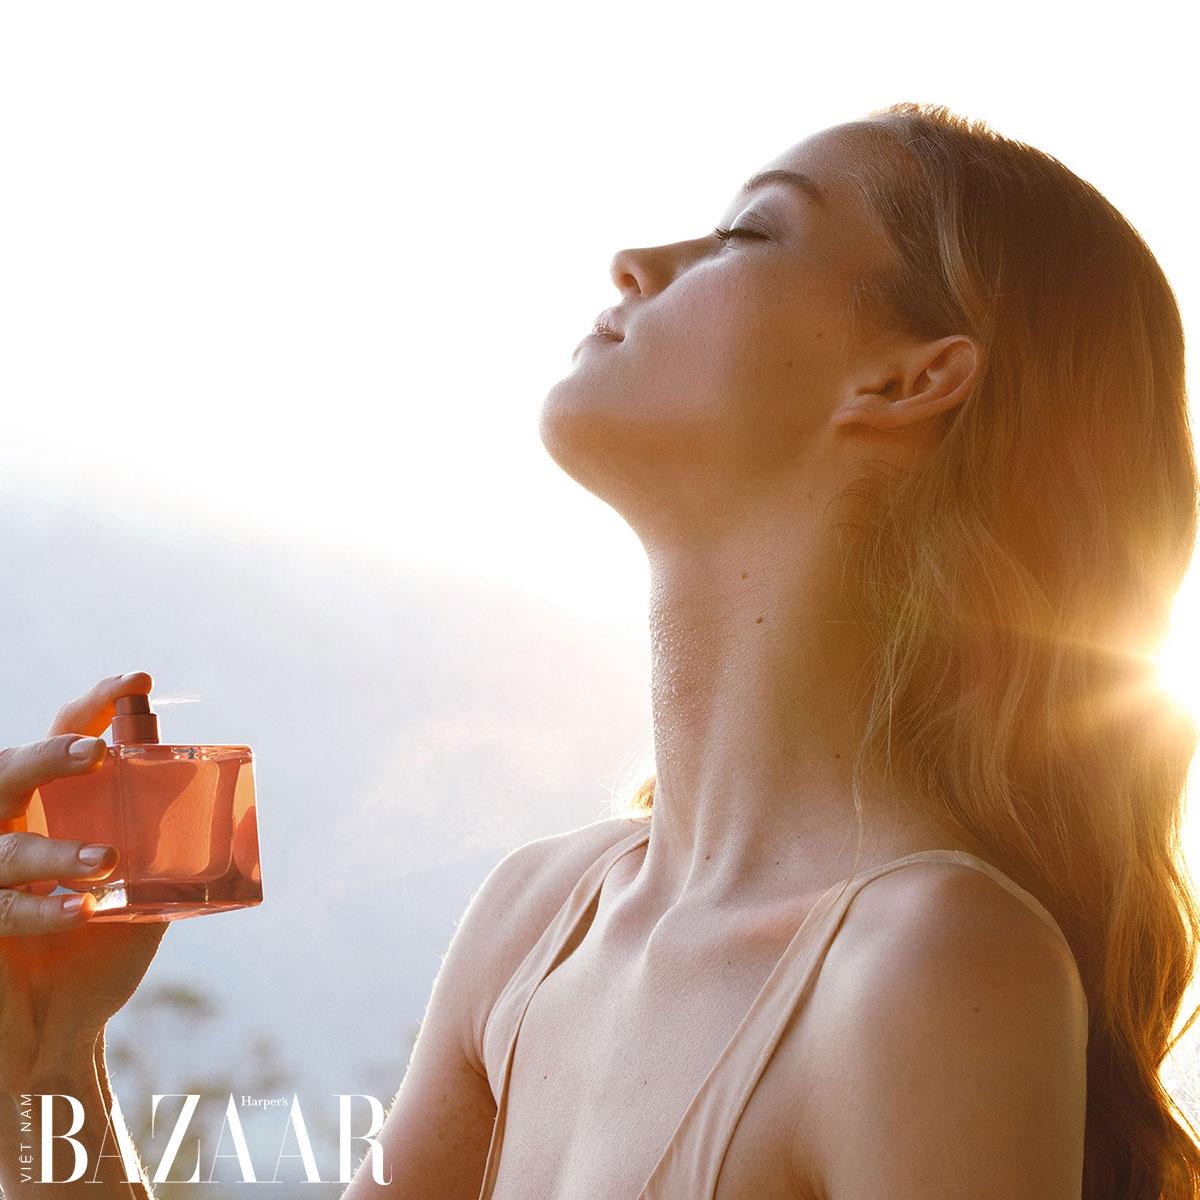 Narciso Eau de Parfum Ambrée, nước hoa của người phụ nữ thông minh 1